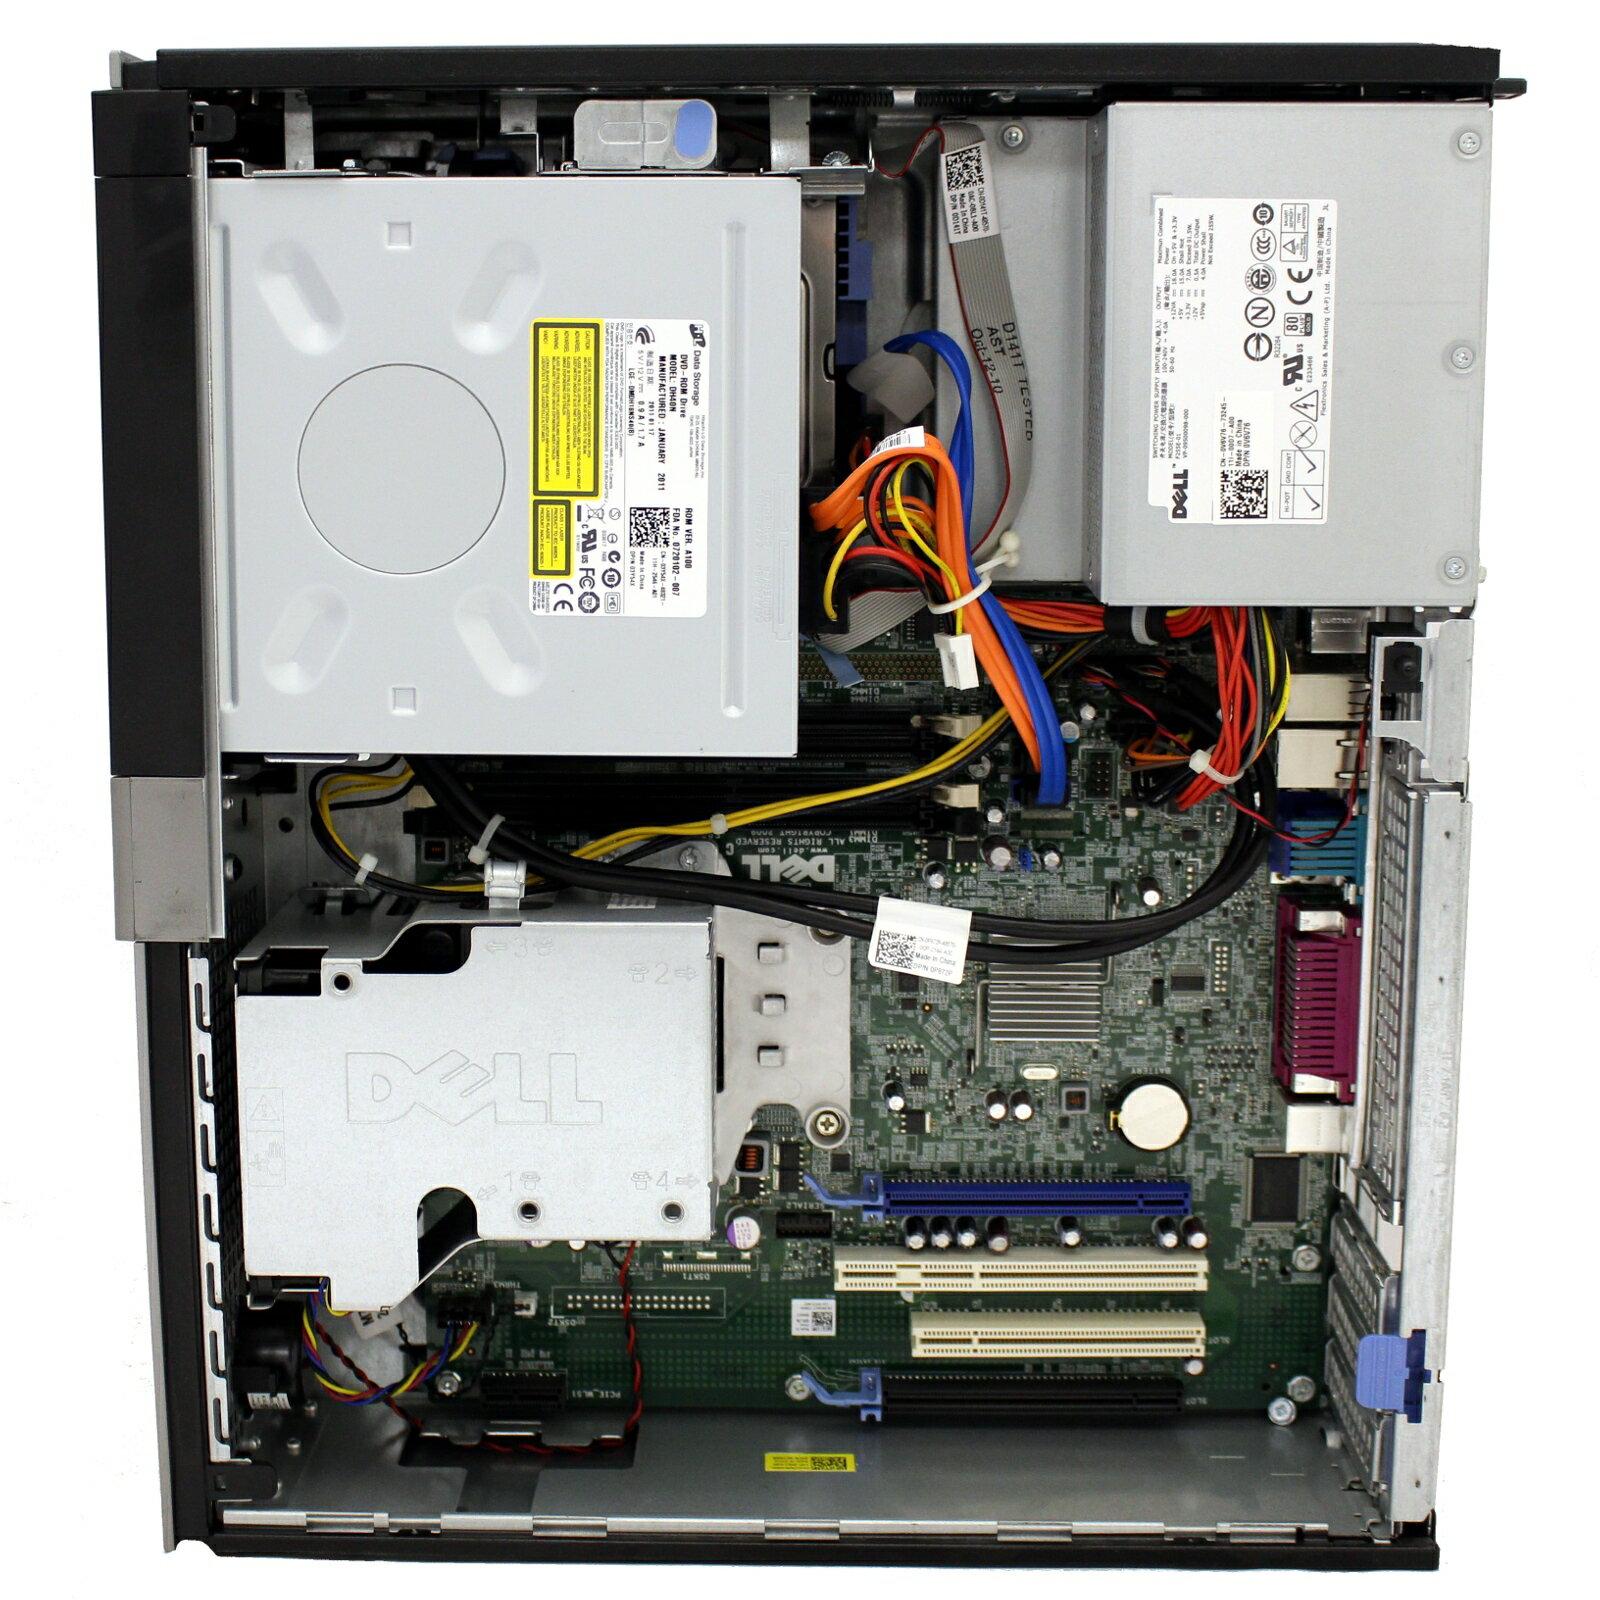 Dell OptiPlex 980 Desktop PC Intel Quad i7-870 2 93GHz 16GB 256GB SSD  DVD-RW WiFI Windows 10 Profesional 64-Bit